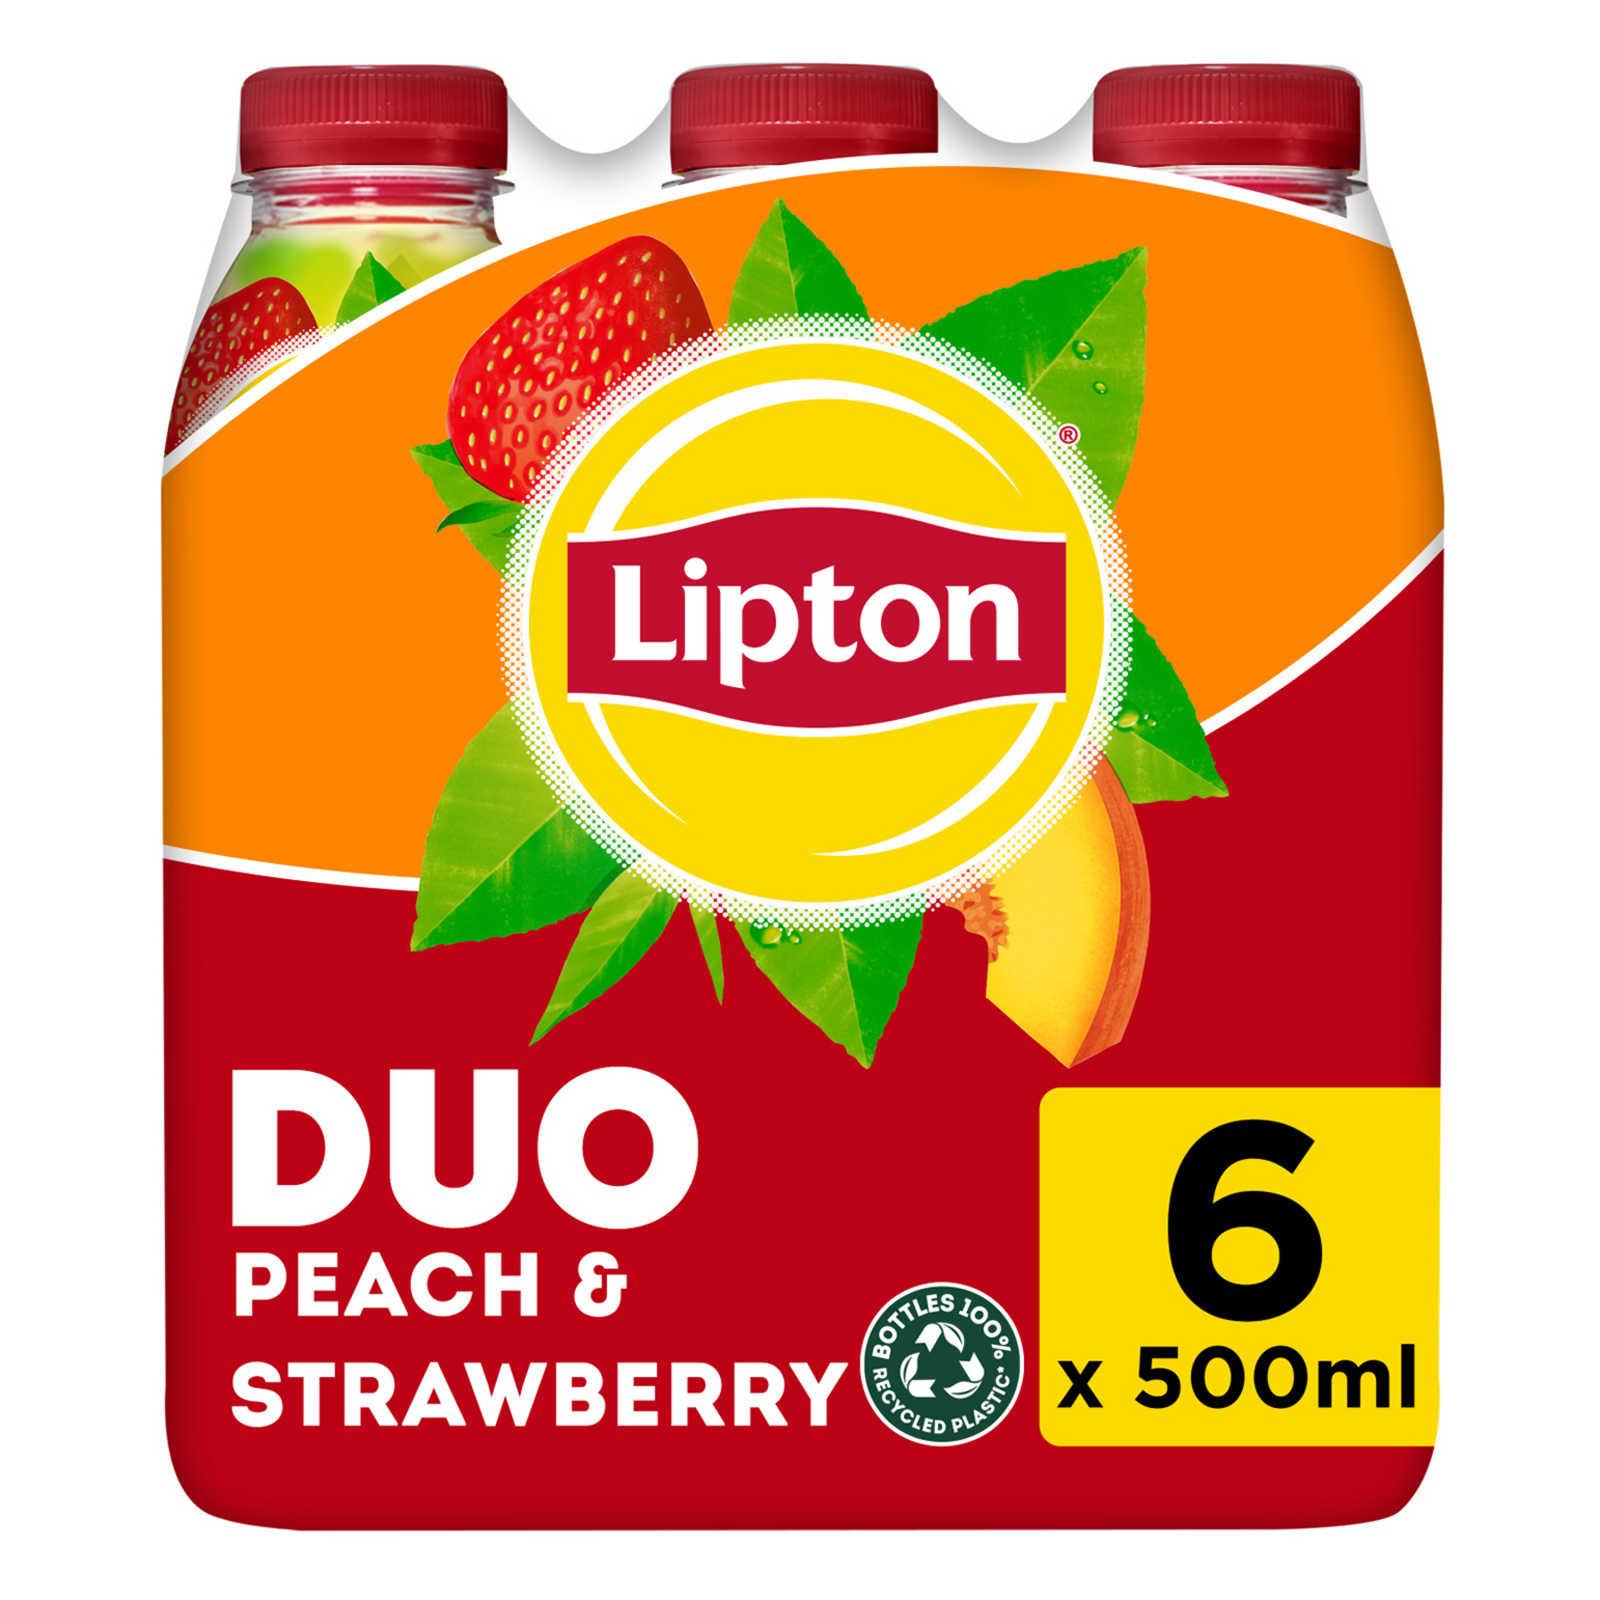 Lipton-Iced Tea